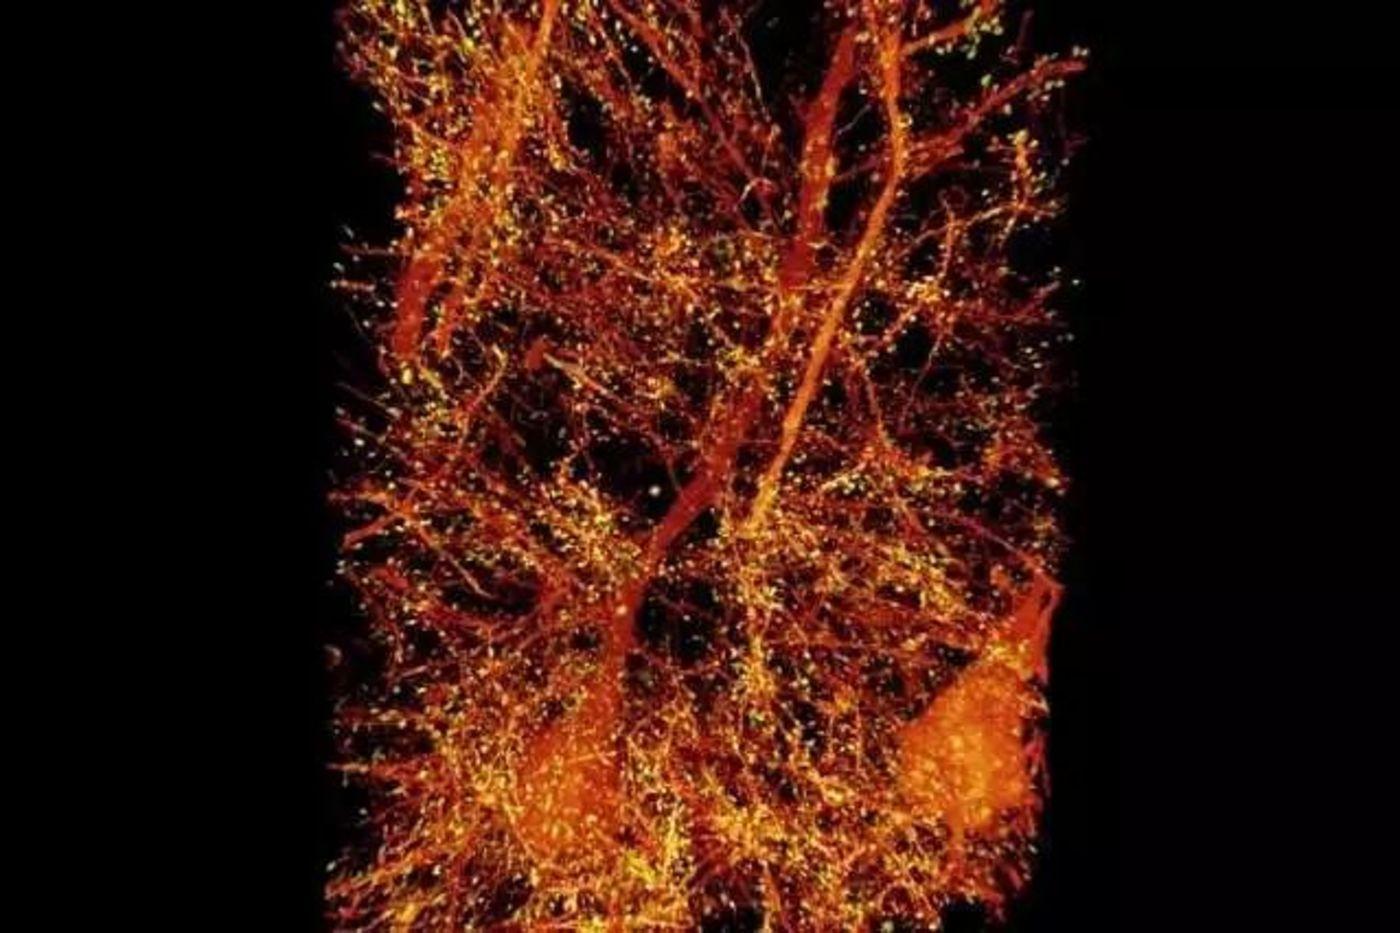 小鼠初级躯体感觉皮层中的锥体神经元(橙色部分),与突触后蛋白Homer1相关的树突棘用黄色突出显示。来源: MIT